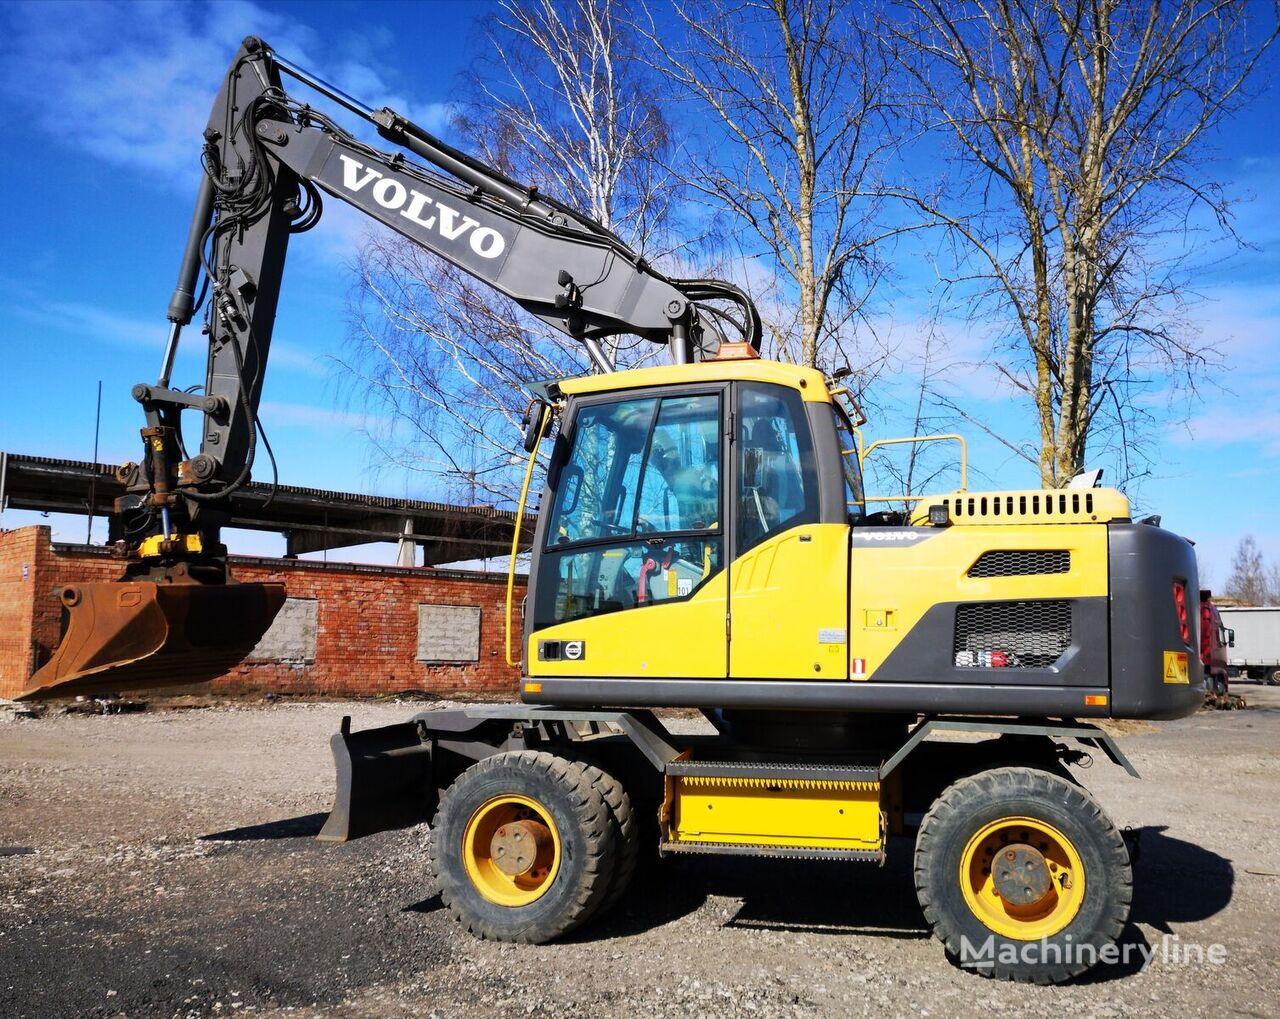 VOLVO W160D wheel excavator